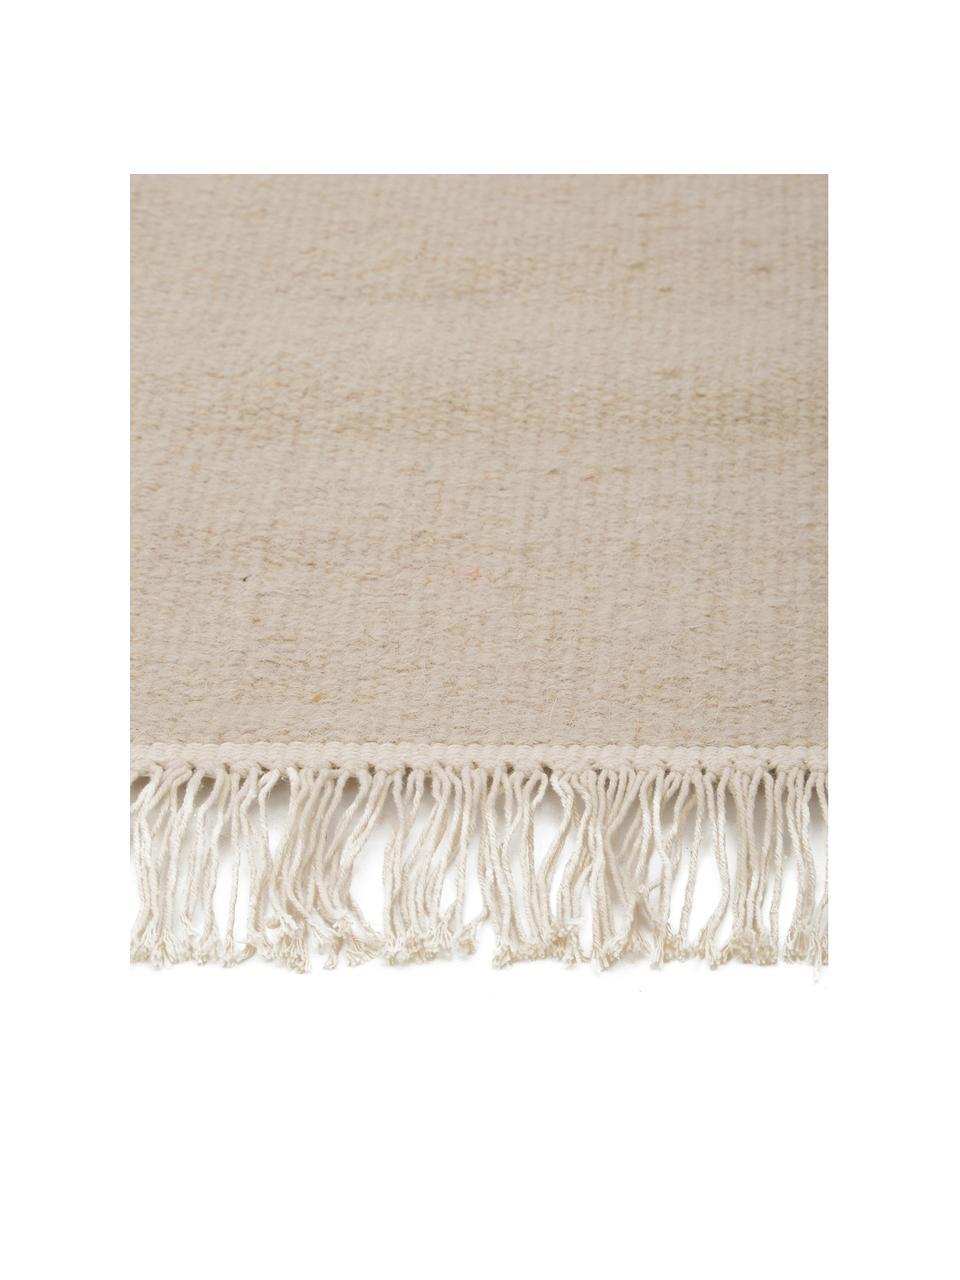 Ręcznie tkany dywan kilim z wełny z frędzlami Rainbow, Odcienie piaskowego, S 170 x D 240 cm (Rozmiar M)